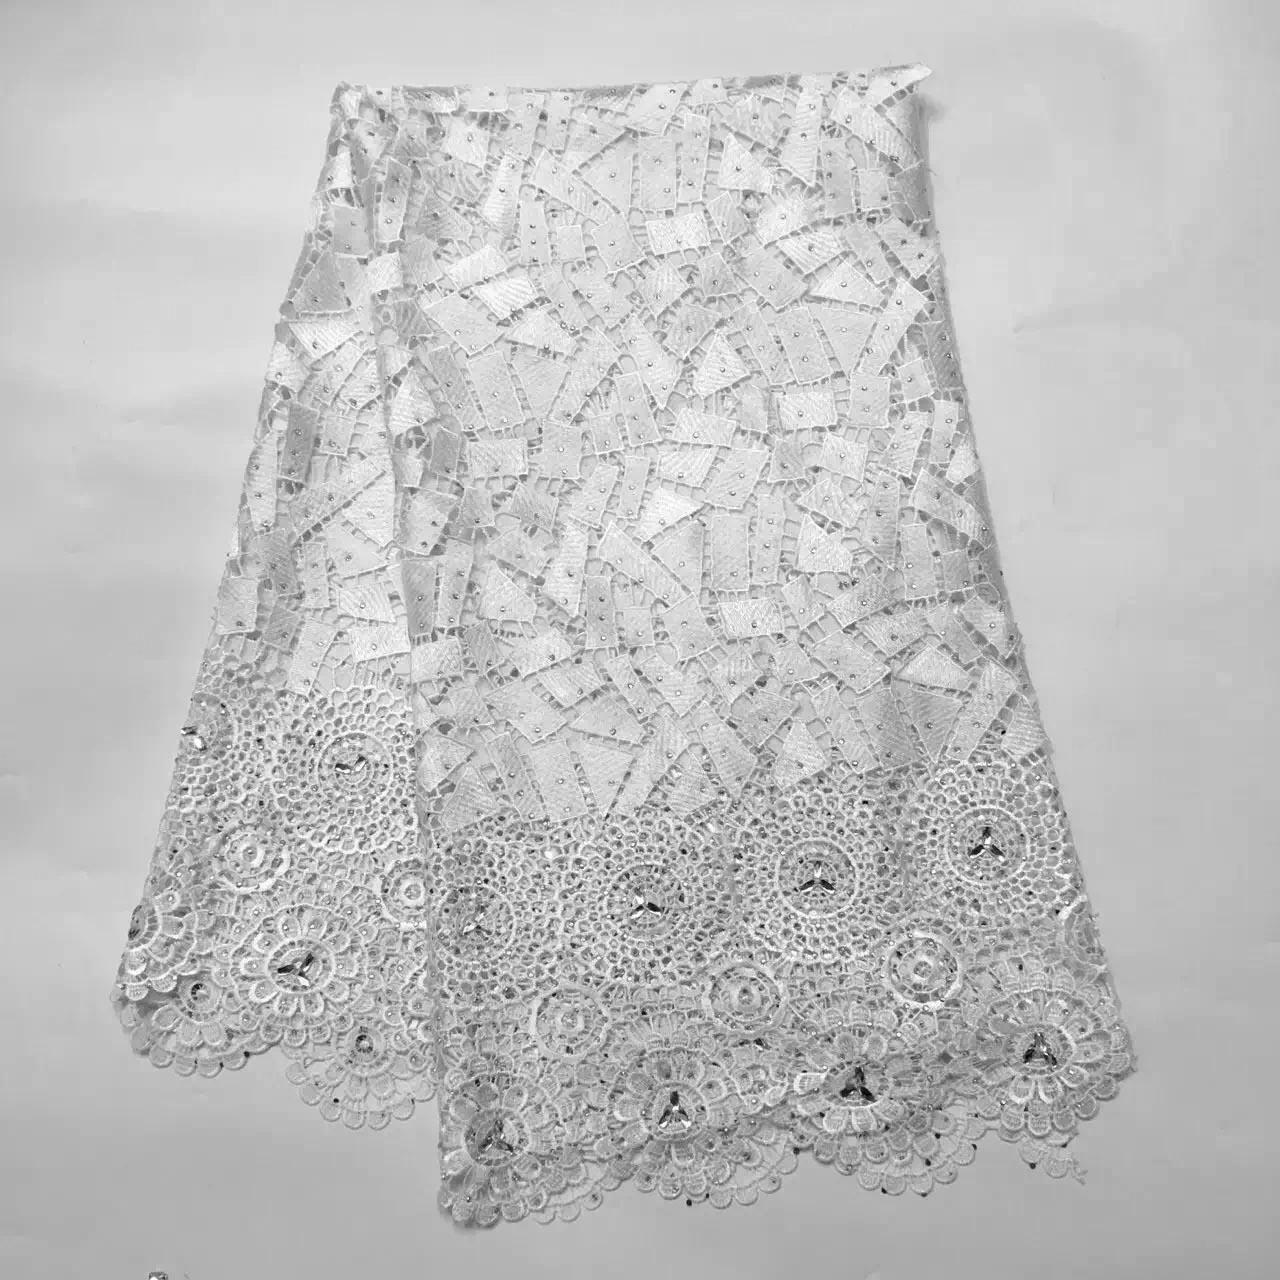 Weiß Hohe qualität wasser löslich afrikanischen schnur spitze guipure spitze stoff mit steine für kleid nähen für hochzeit K R480-in Spitze aus Heim und Garten bei  Gruppe 1